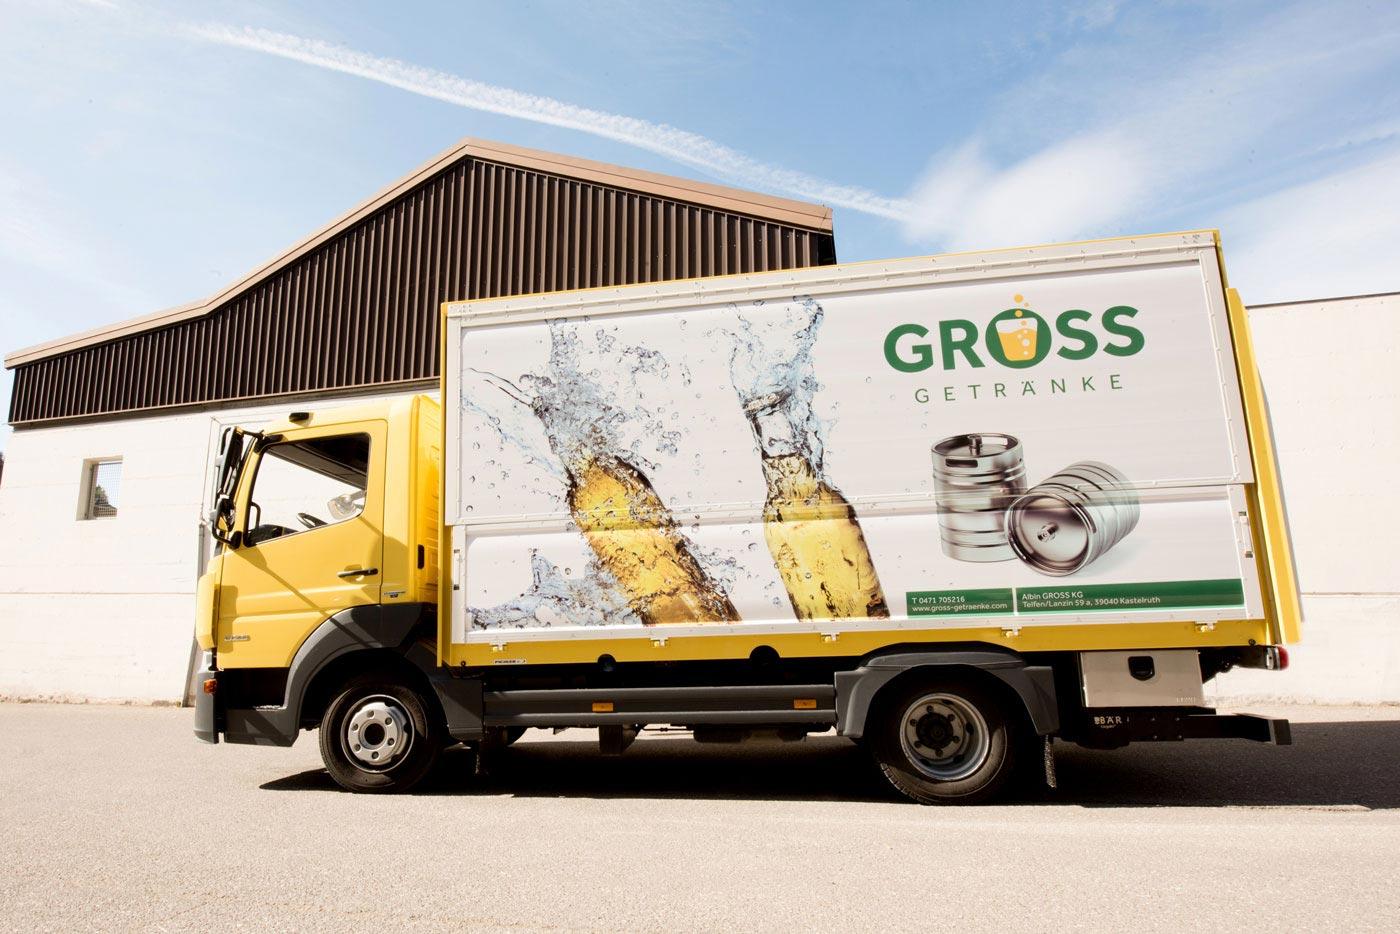 GETRÄNKE GROSSHANDEL, Ihr Abholmarkt in Kastelruth, Gross Getränke